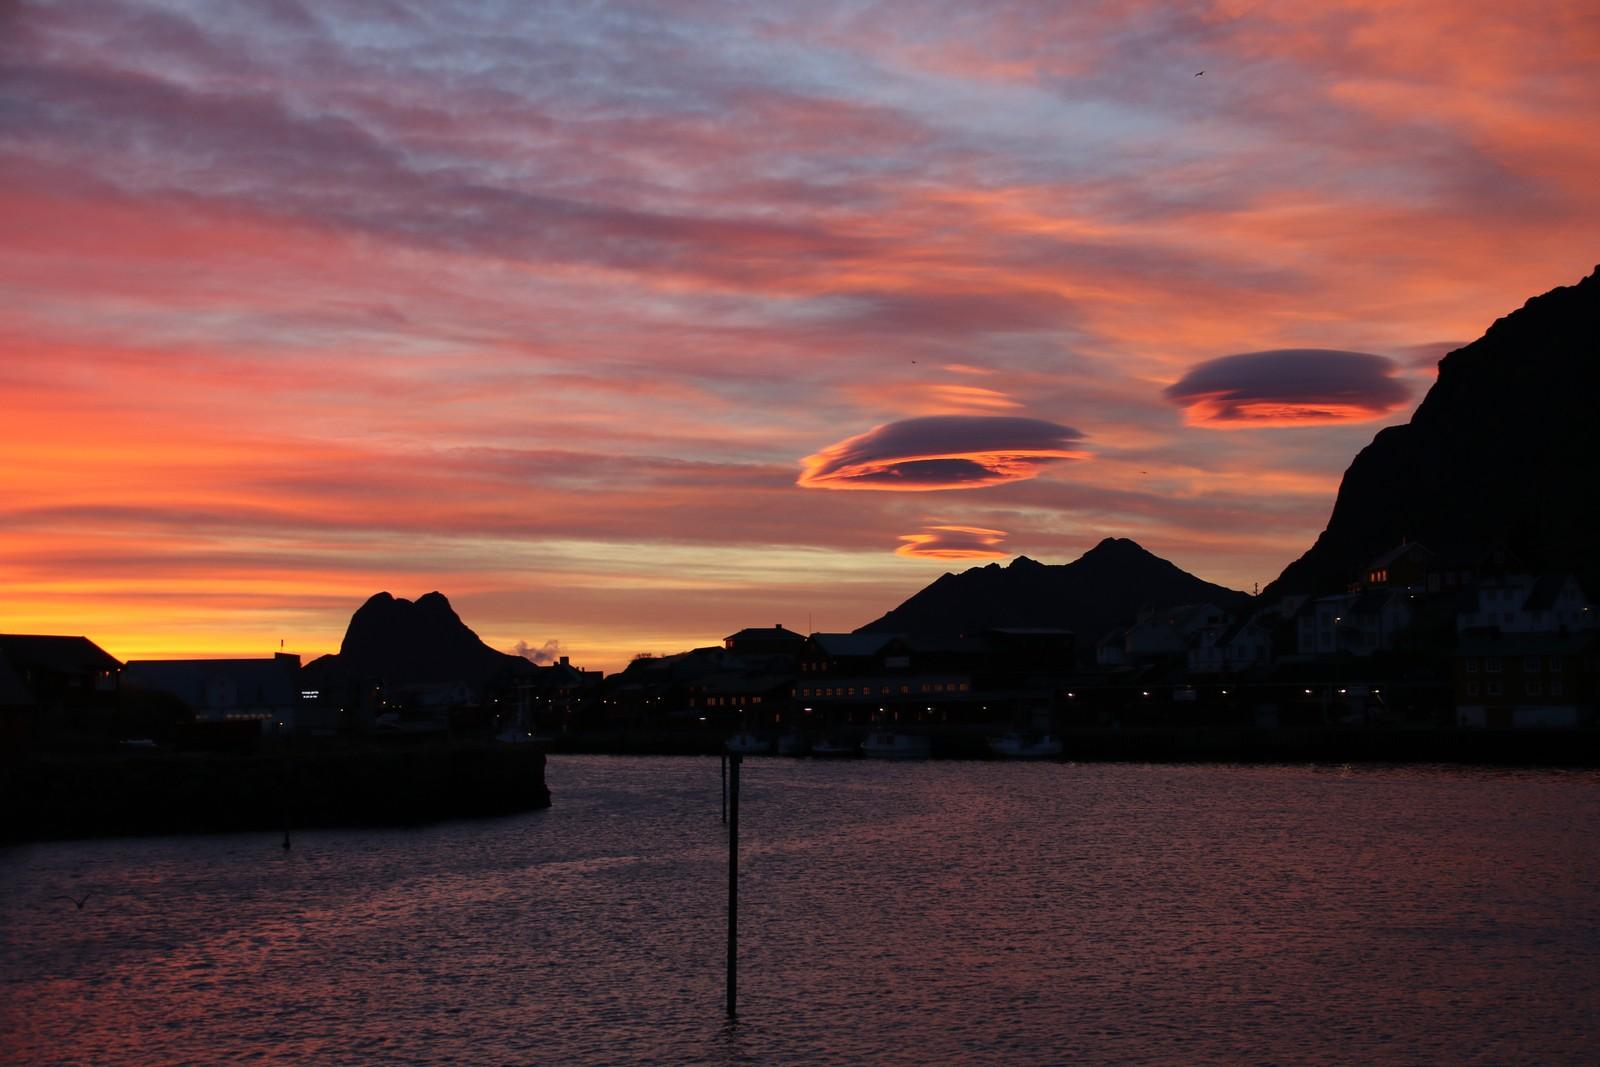 Fotografen av dette bildet oppdaget noen UFO-skyer på himmelen over Stamsund i Lofoten.